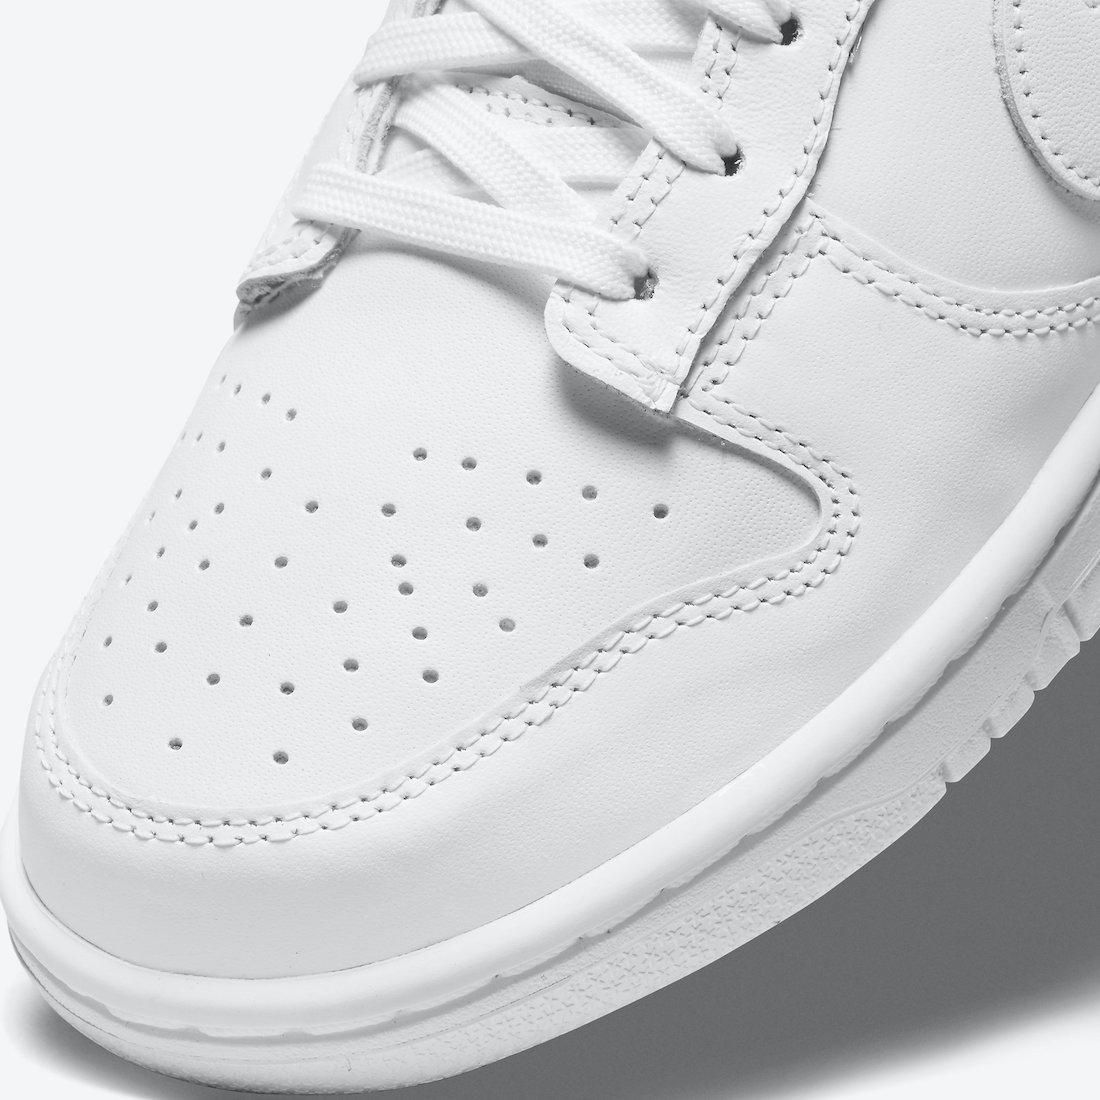 Nike Dunk Low Triple White DD1503-109 Release Date